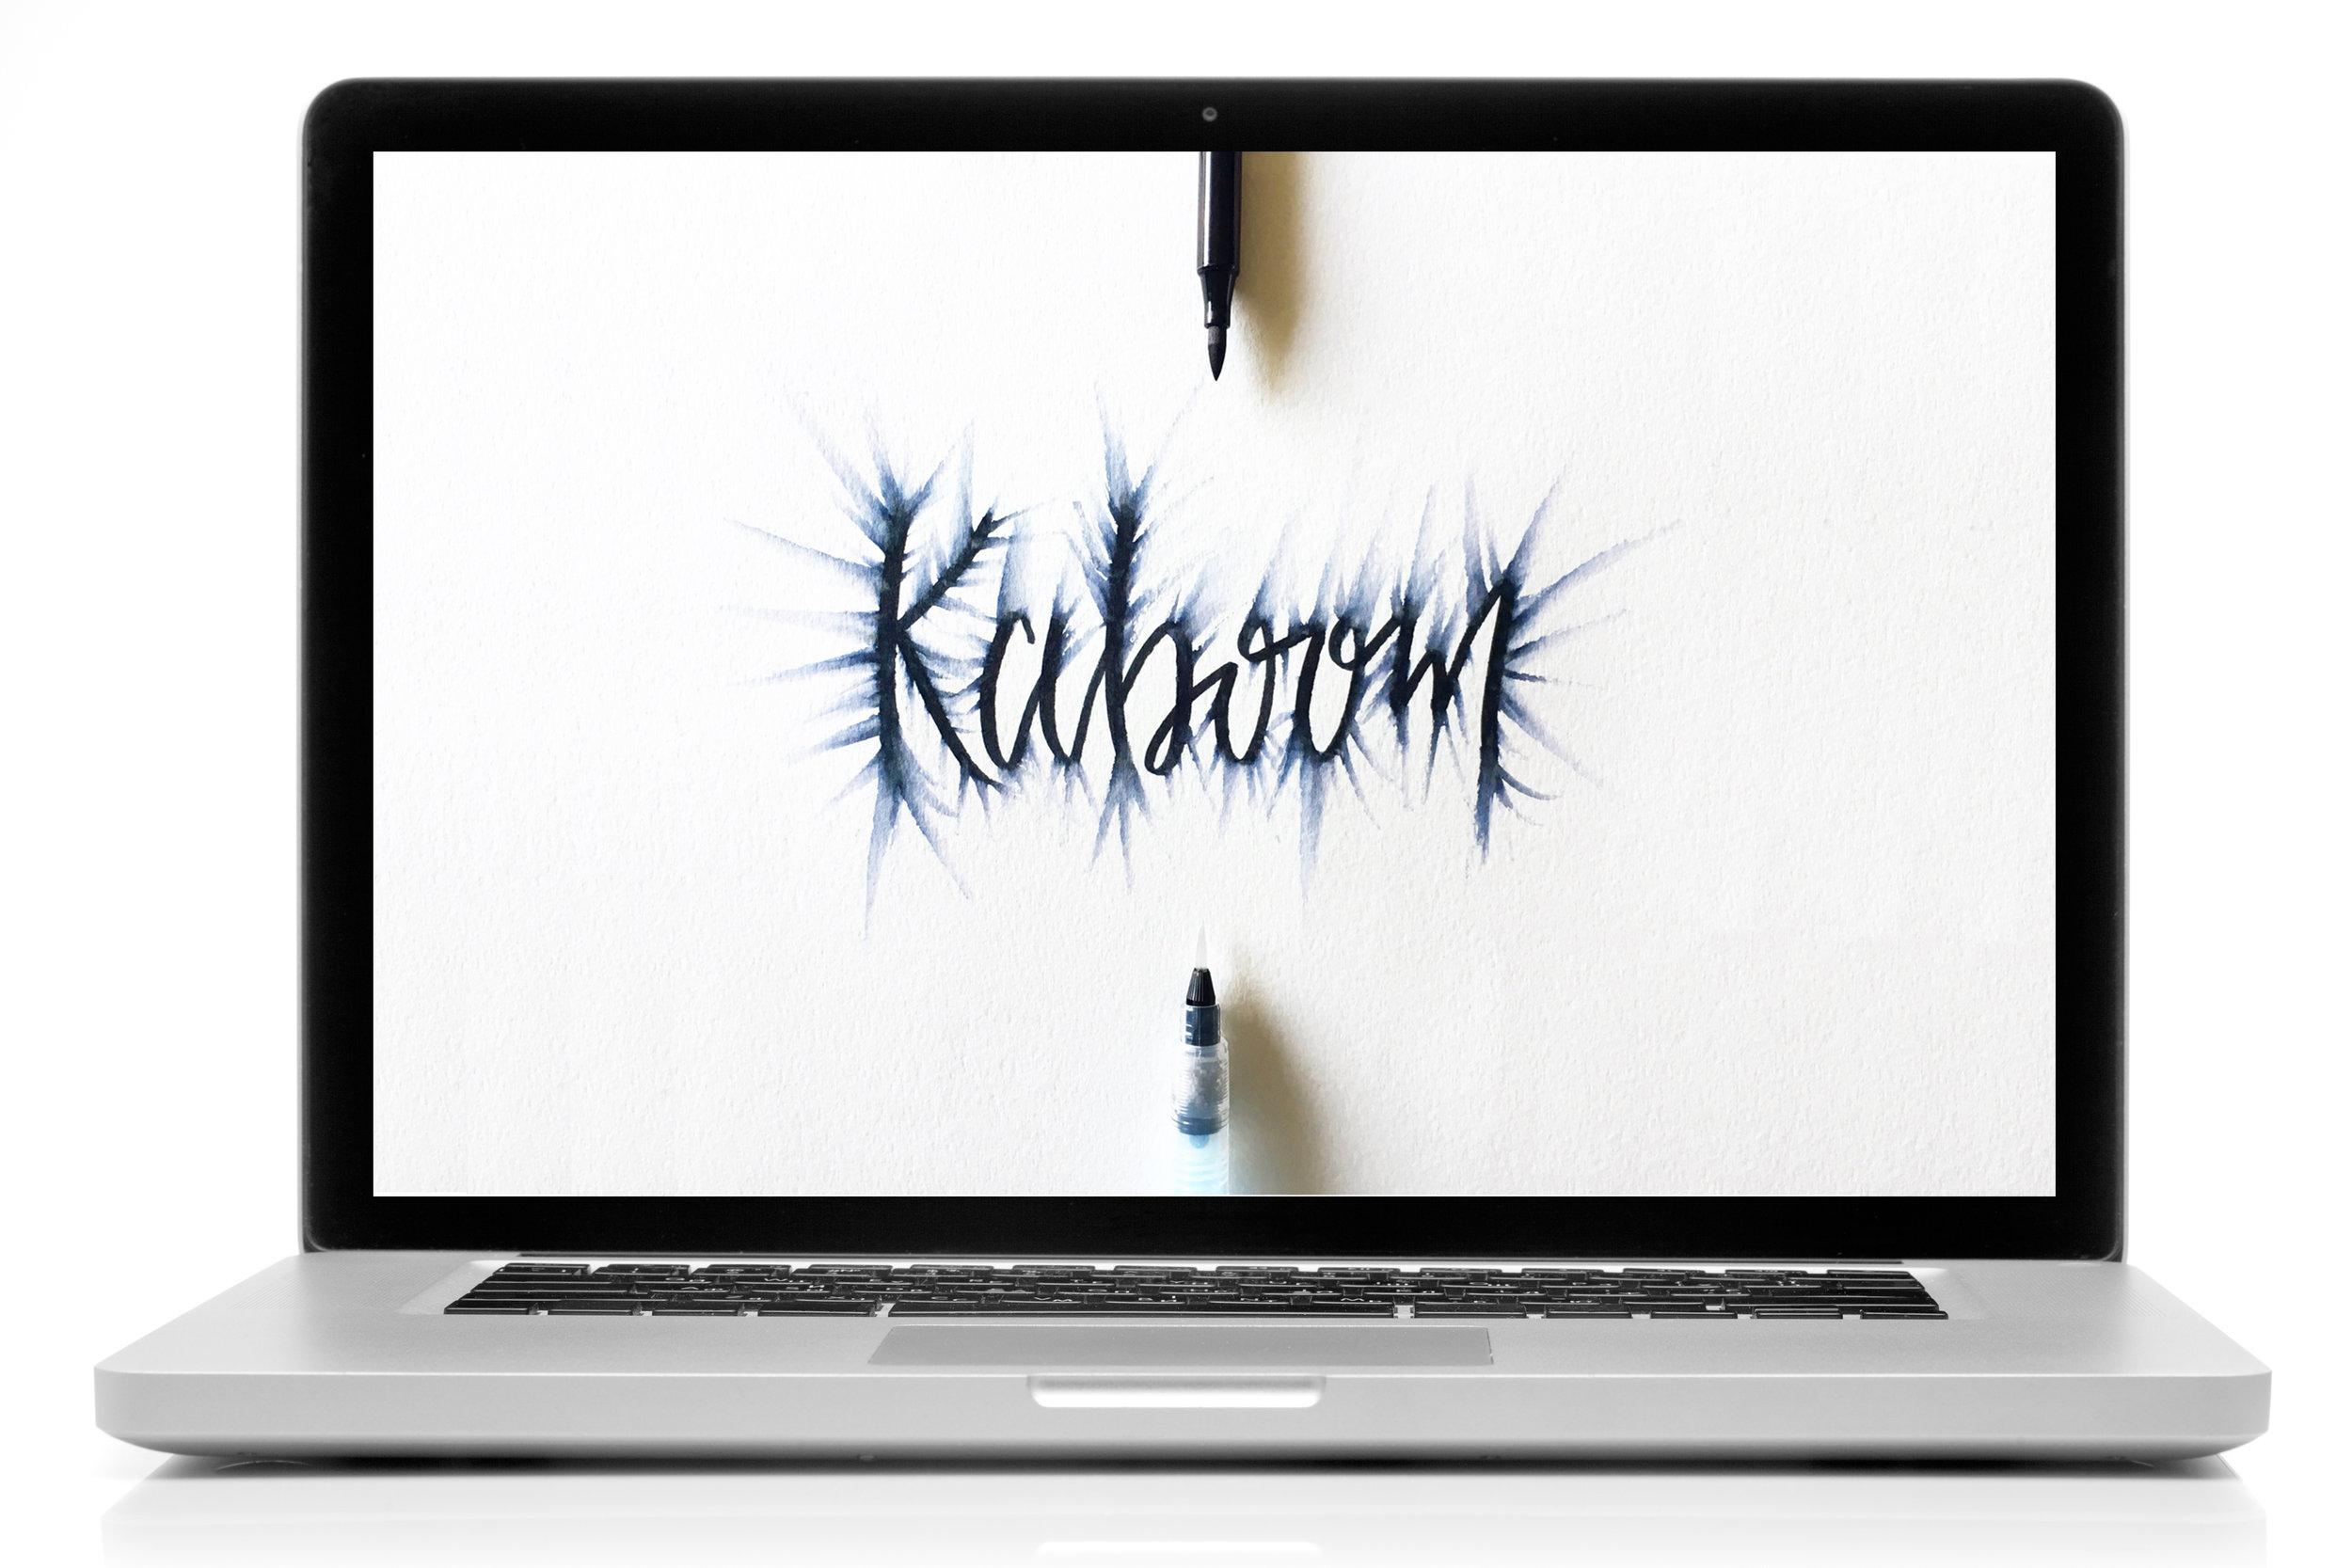 Kaboom-(MACBOOK).jpg